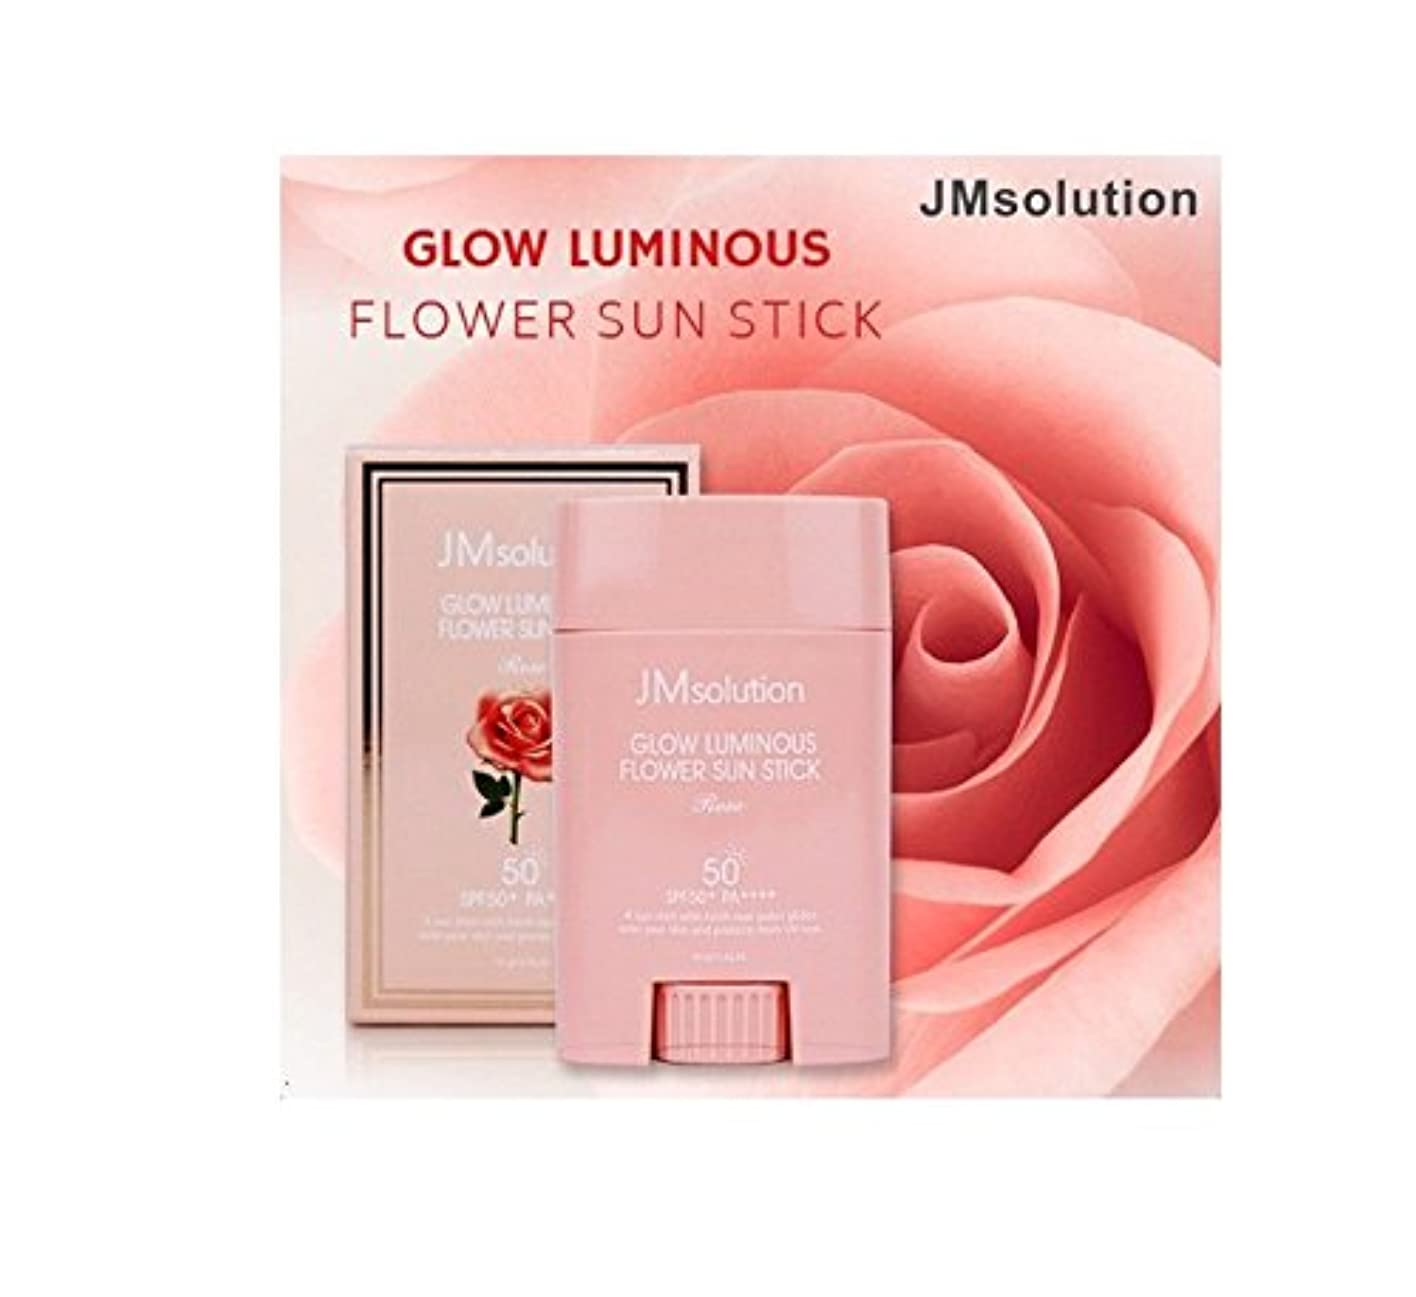 競争力のある救急車オセアニアJM Solution Glow Luminous Flower Sun Stick Rose 21g (spf50 PA) 光る輝く花Sun Stick Rose